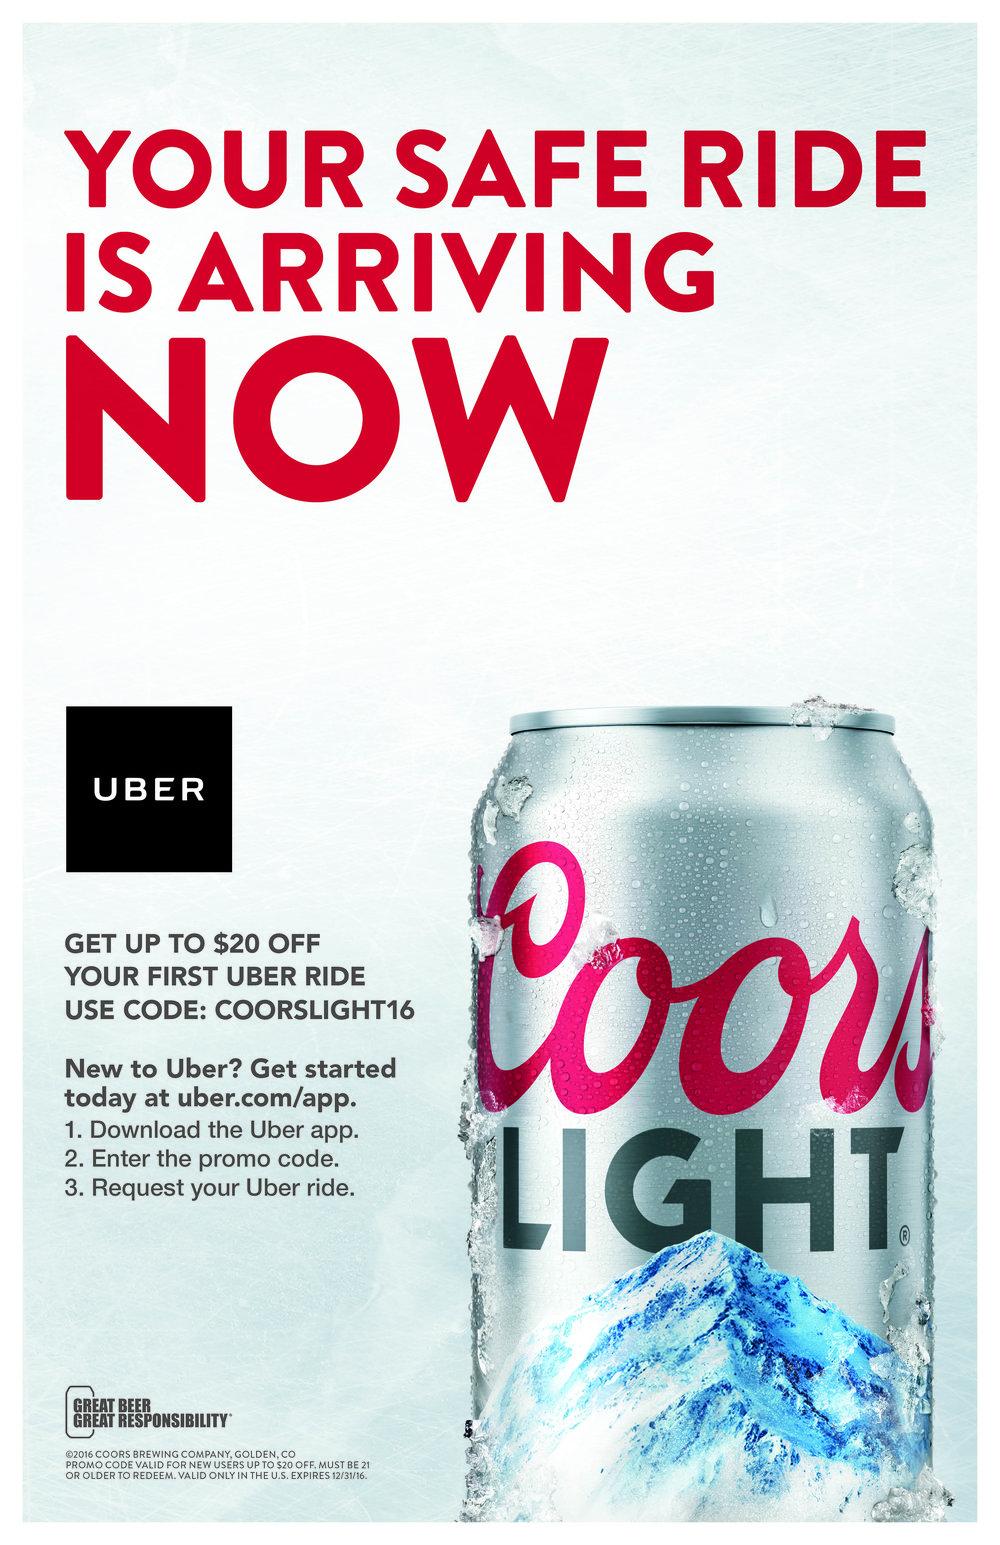 14063_GBGR_CL_Uber_Poster_OFG.jpg